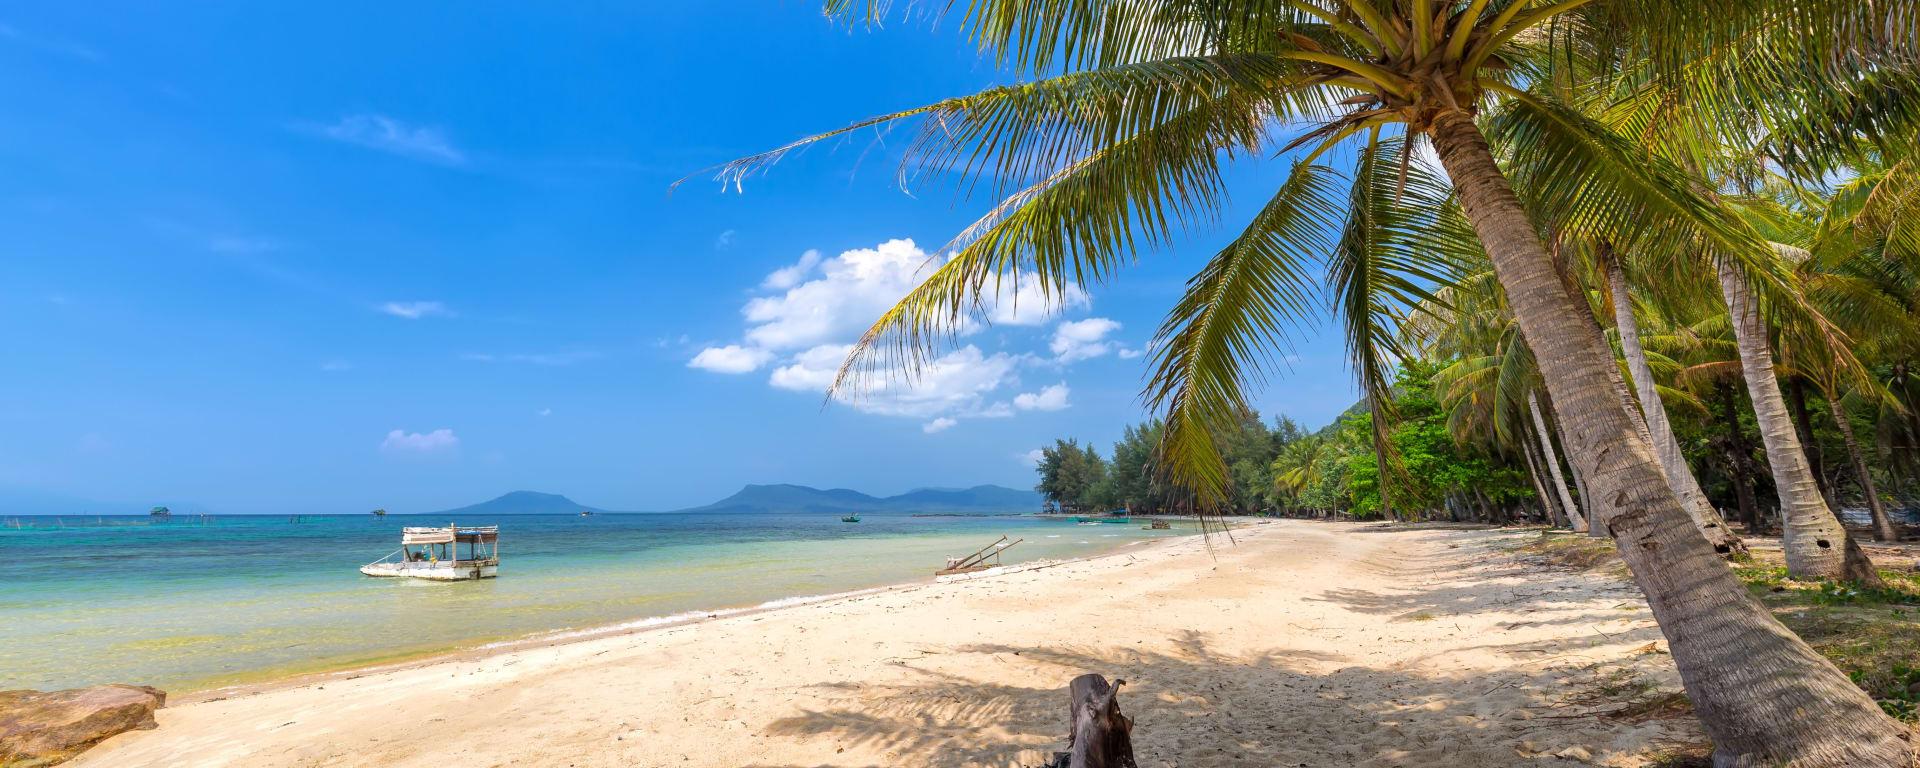 Vietnam entdecken mit Tischler Reisen: Vietnam Phu Quoc Strand